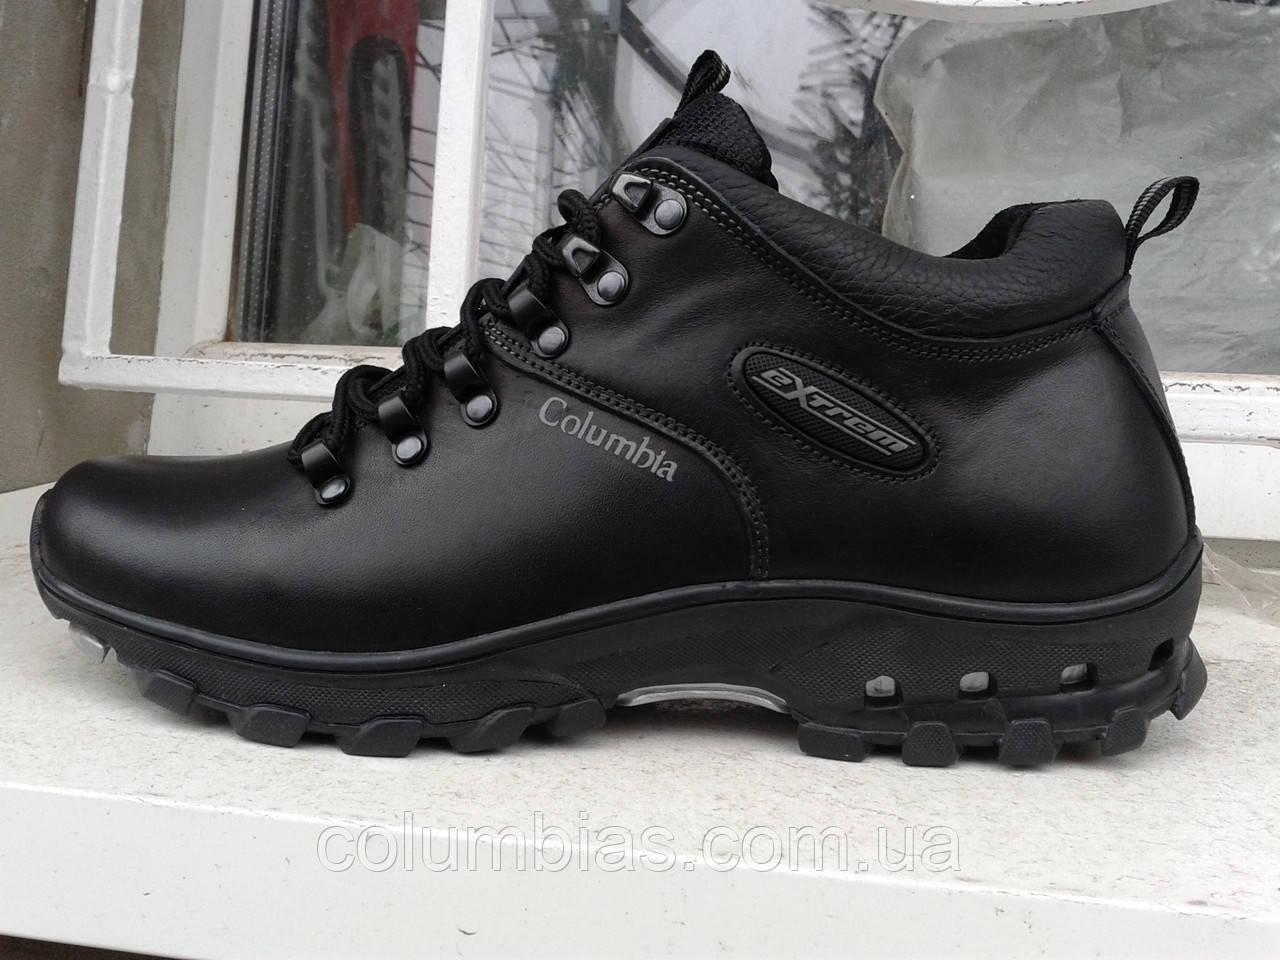 Мужские кожаные невысокие ботинки colambia